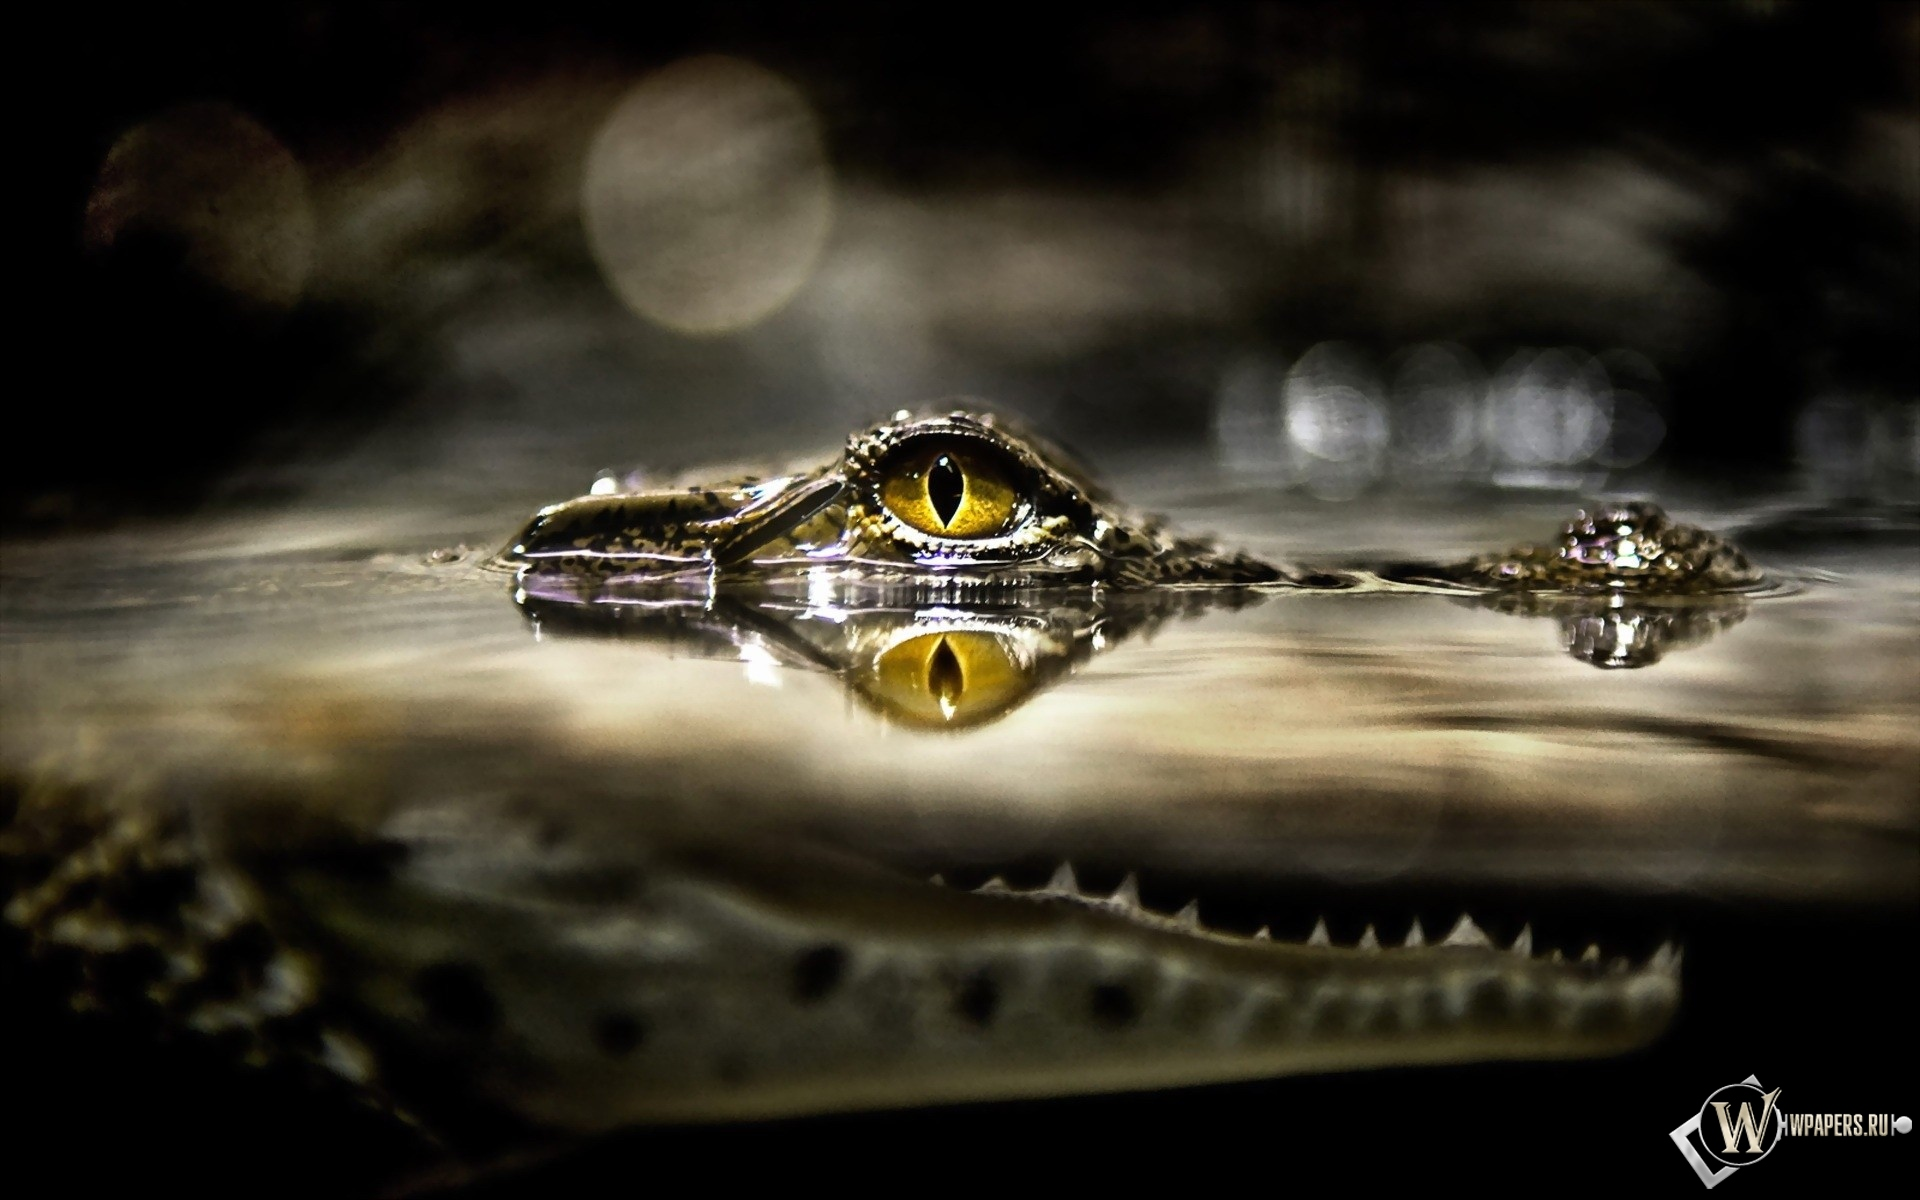 Глаз крокодила 1920x1200